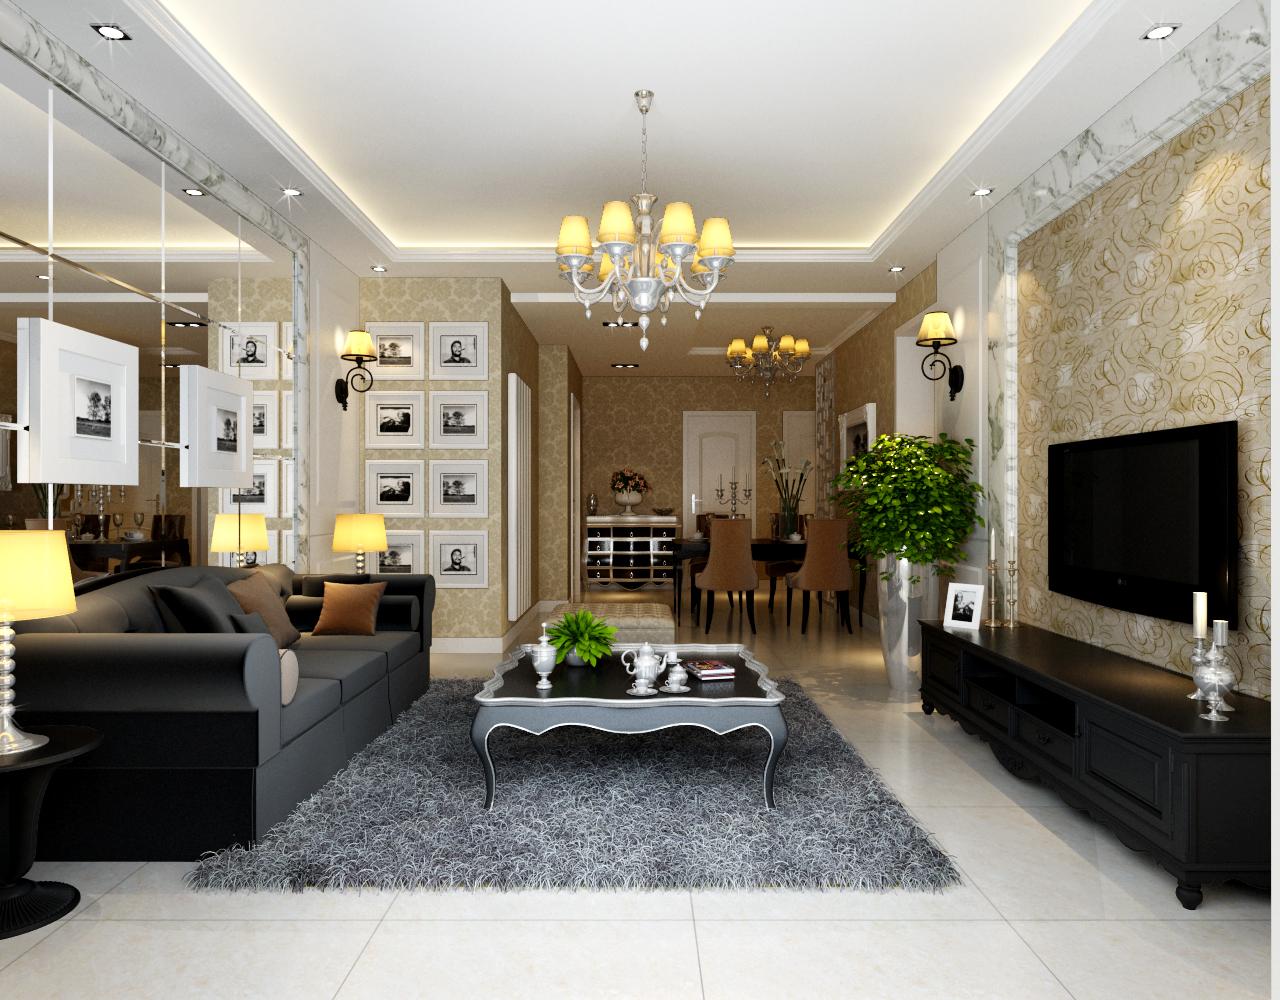 格林上东 118平米 三居室 欧式风格 装修设计 客厅图片来自郑州实创-整套家装在格林上东三居室简欧风格装修的分享